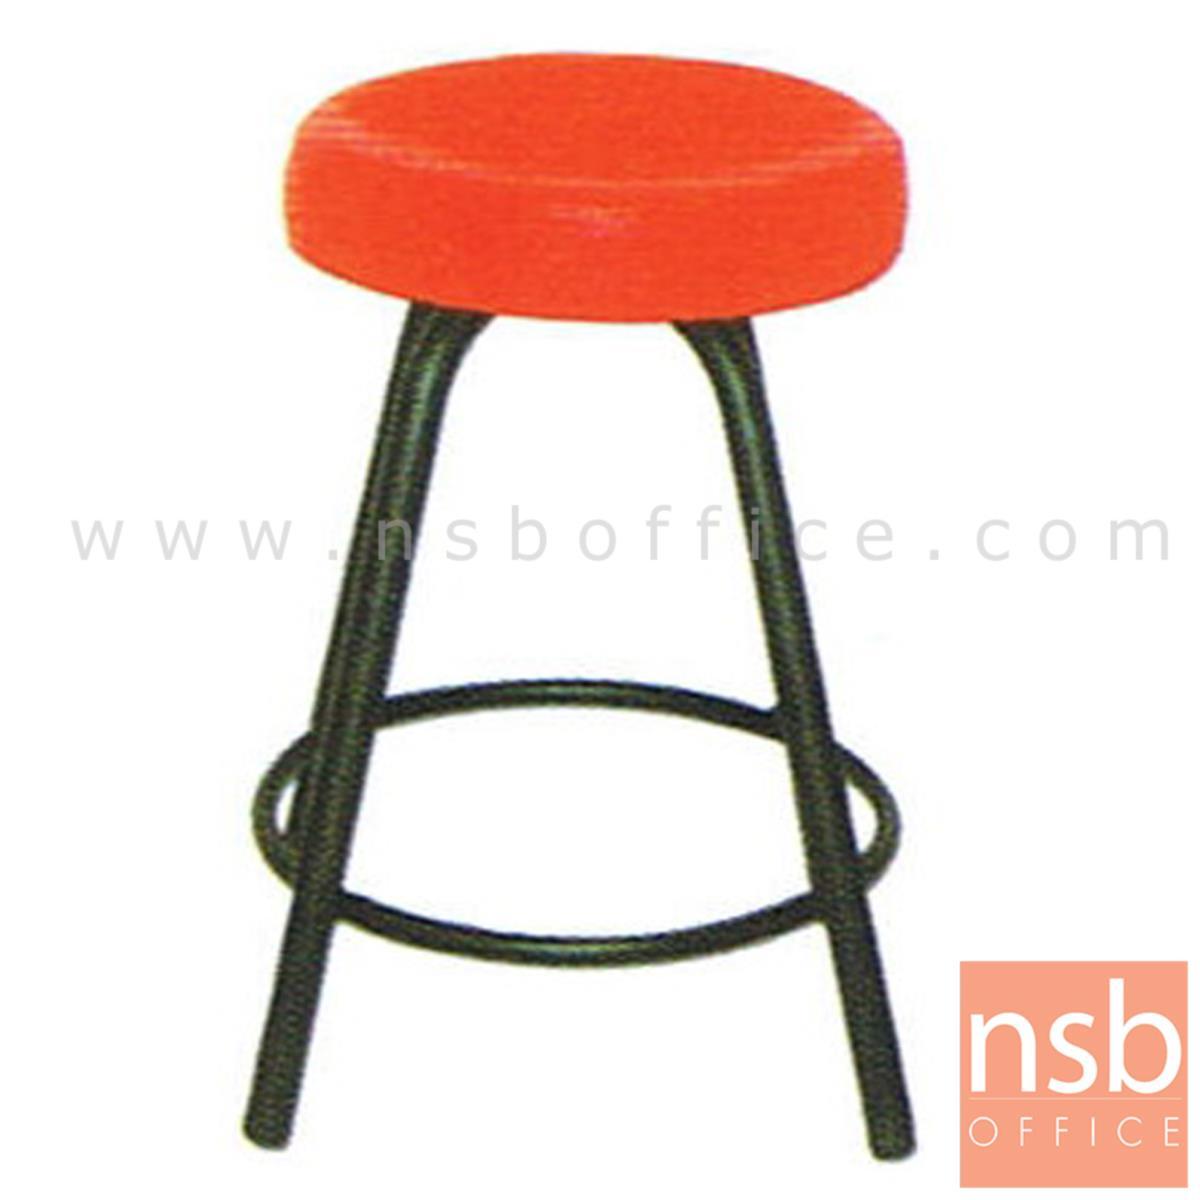 B09A013:เก้าอี้สตูลกลมที่นั่งหุ้มหนังเทียม รุ่นเหล็กหนาพิเศษ ขนาด 36Di*45H cm. ขาเหล็ก